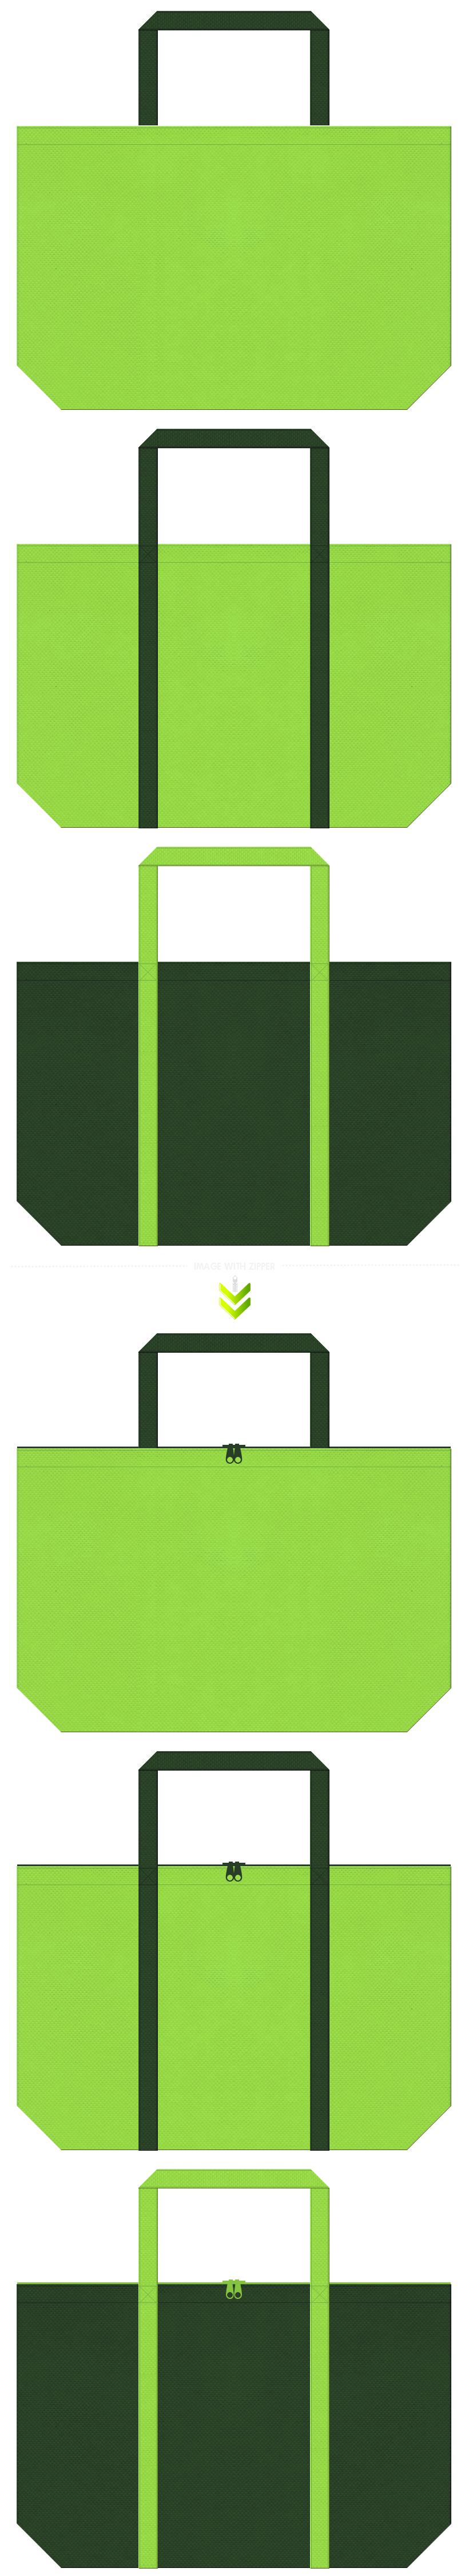 黄緑色と濃緑色の不織布バッグデザイン。植物園のノベルティ・園芸用品のショッピングバッグにお奨めです。